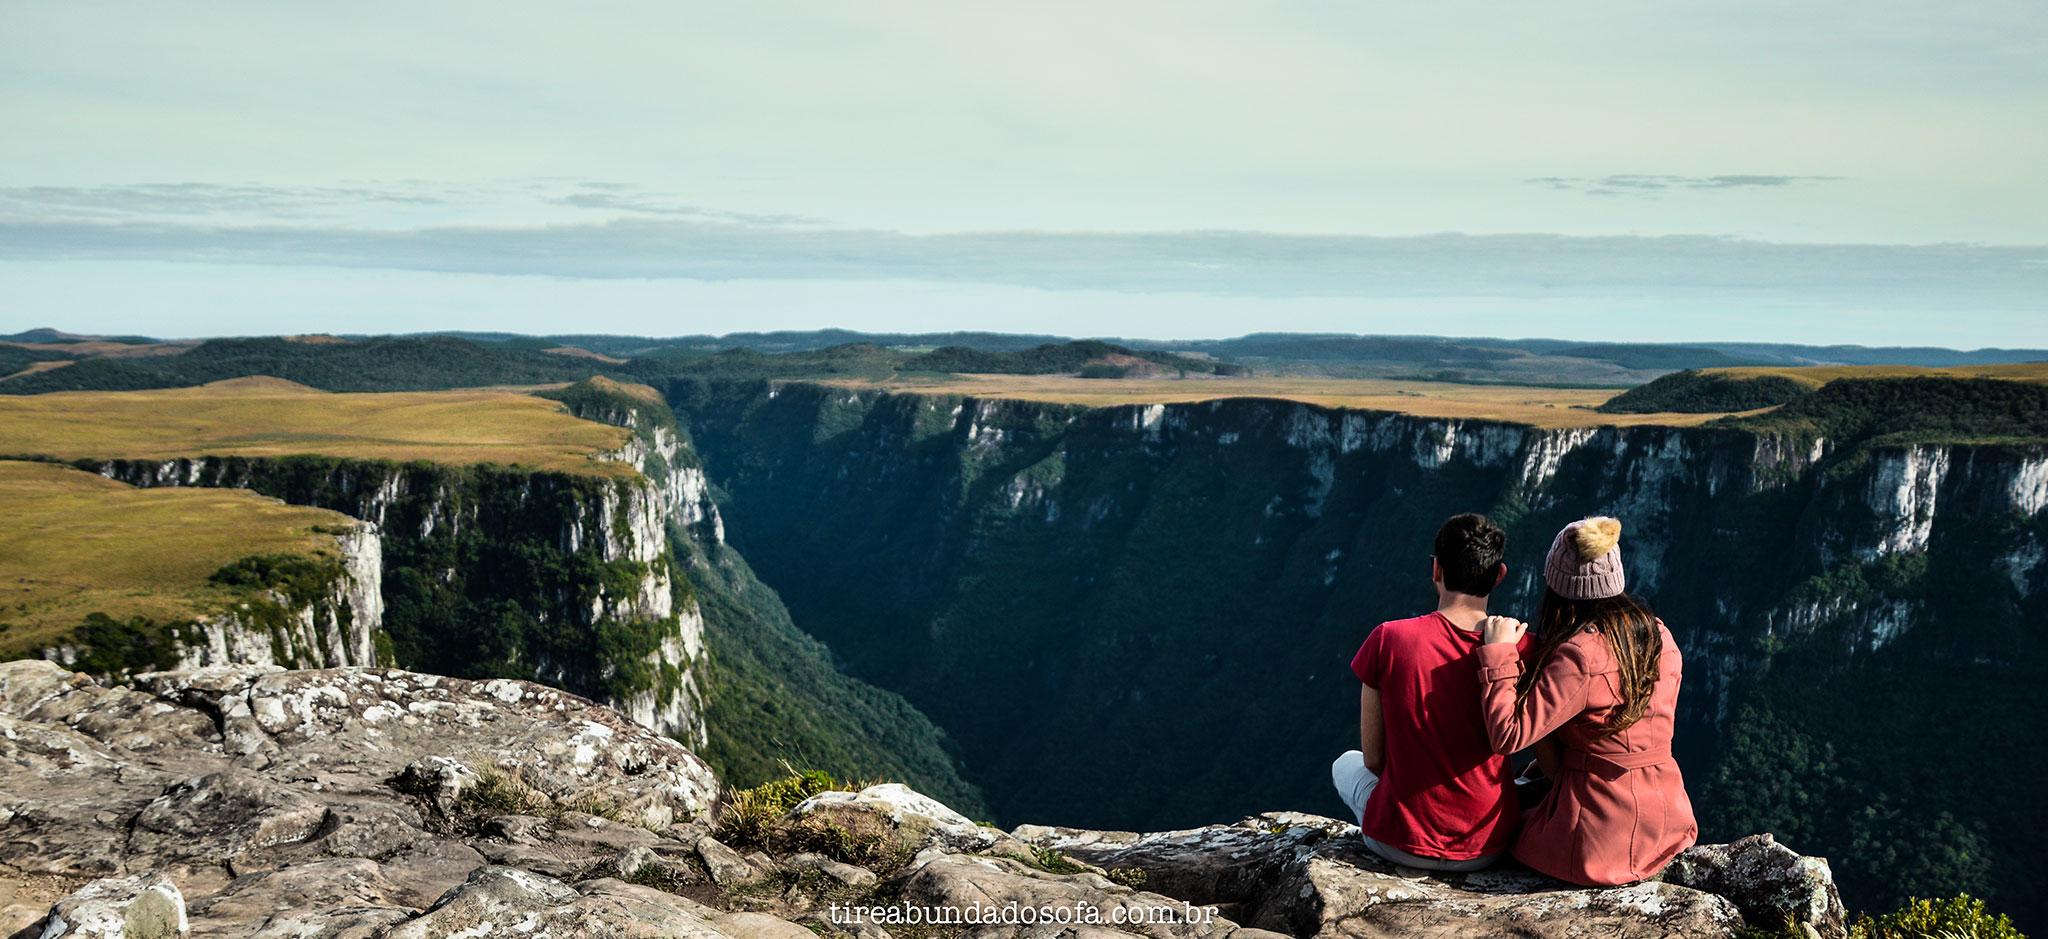 Cânion fortaleza, cambará do sul, rio grande do sul, parque nacional da serra geral, , o que fazer em cambará do sul